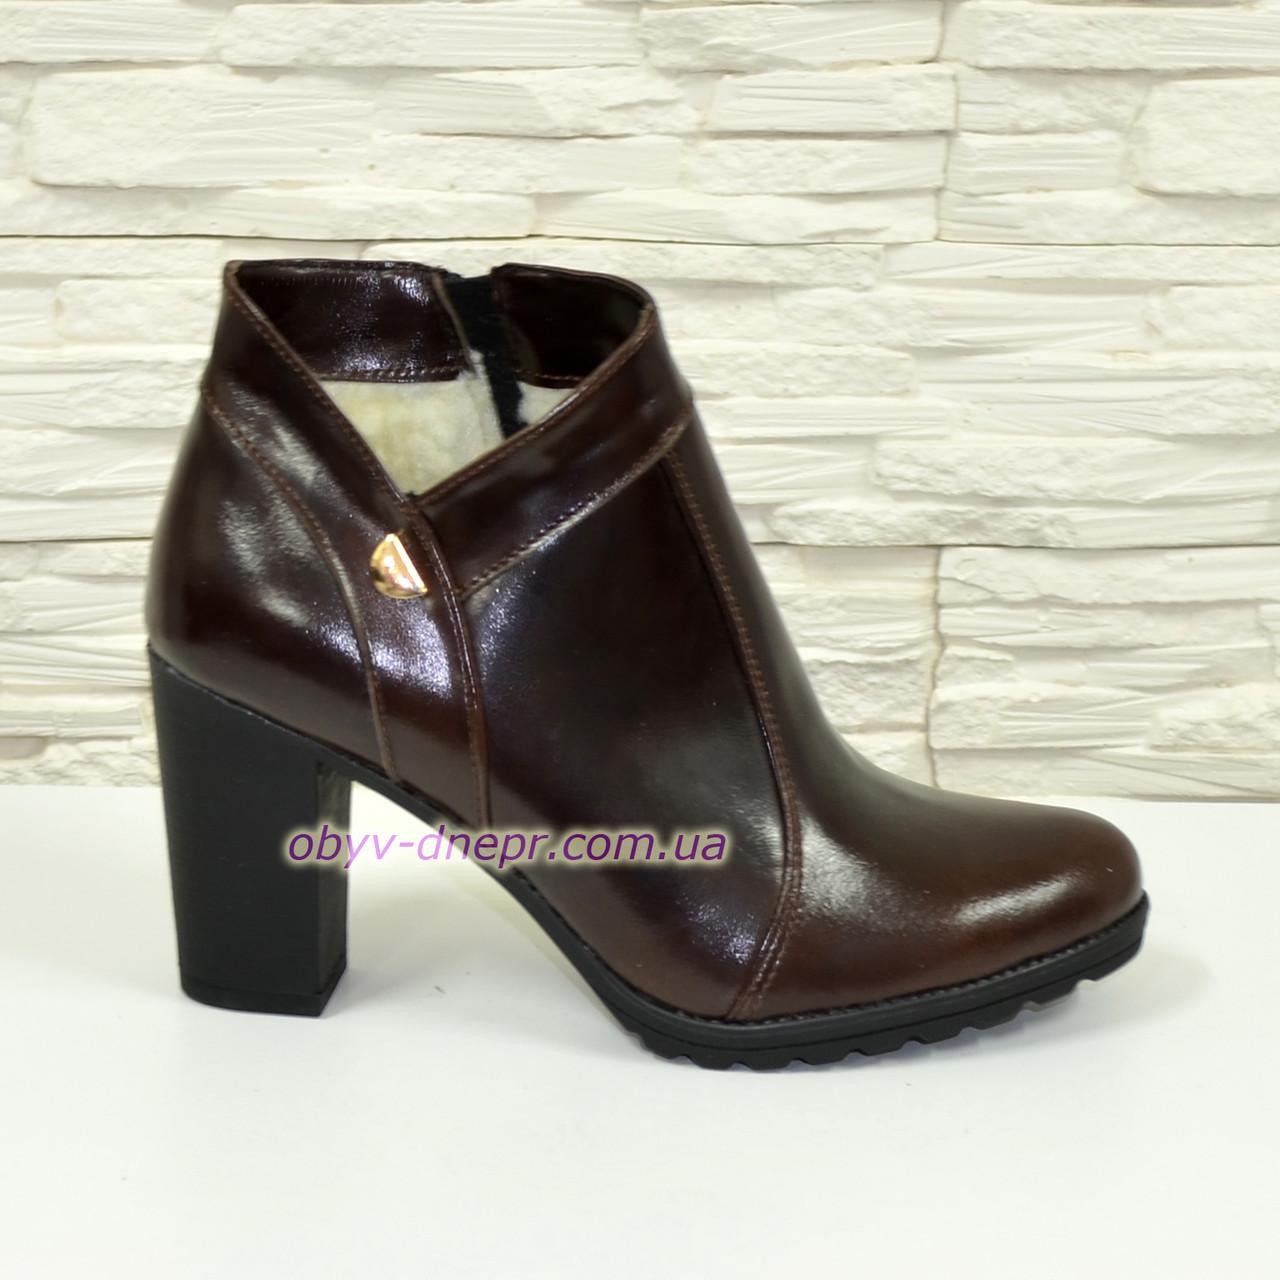 Ботинки женские демисезонные коричневые на устойчивом каблуке